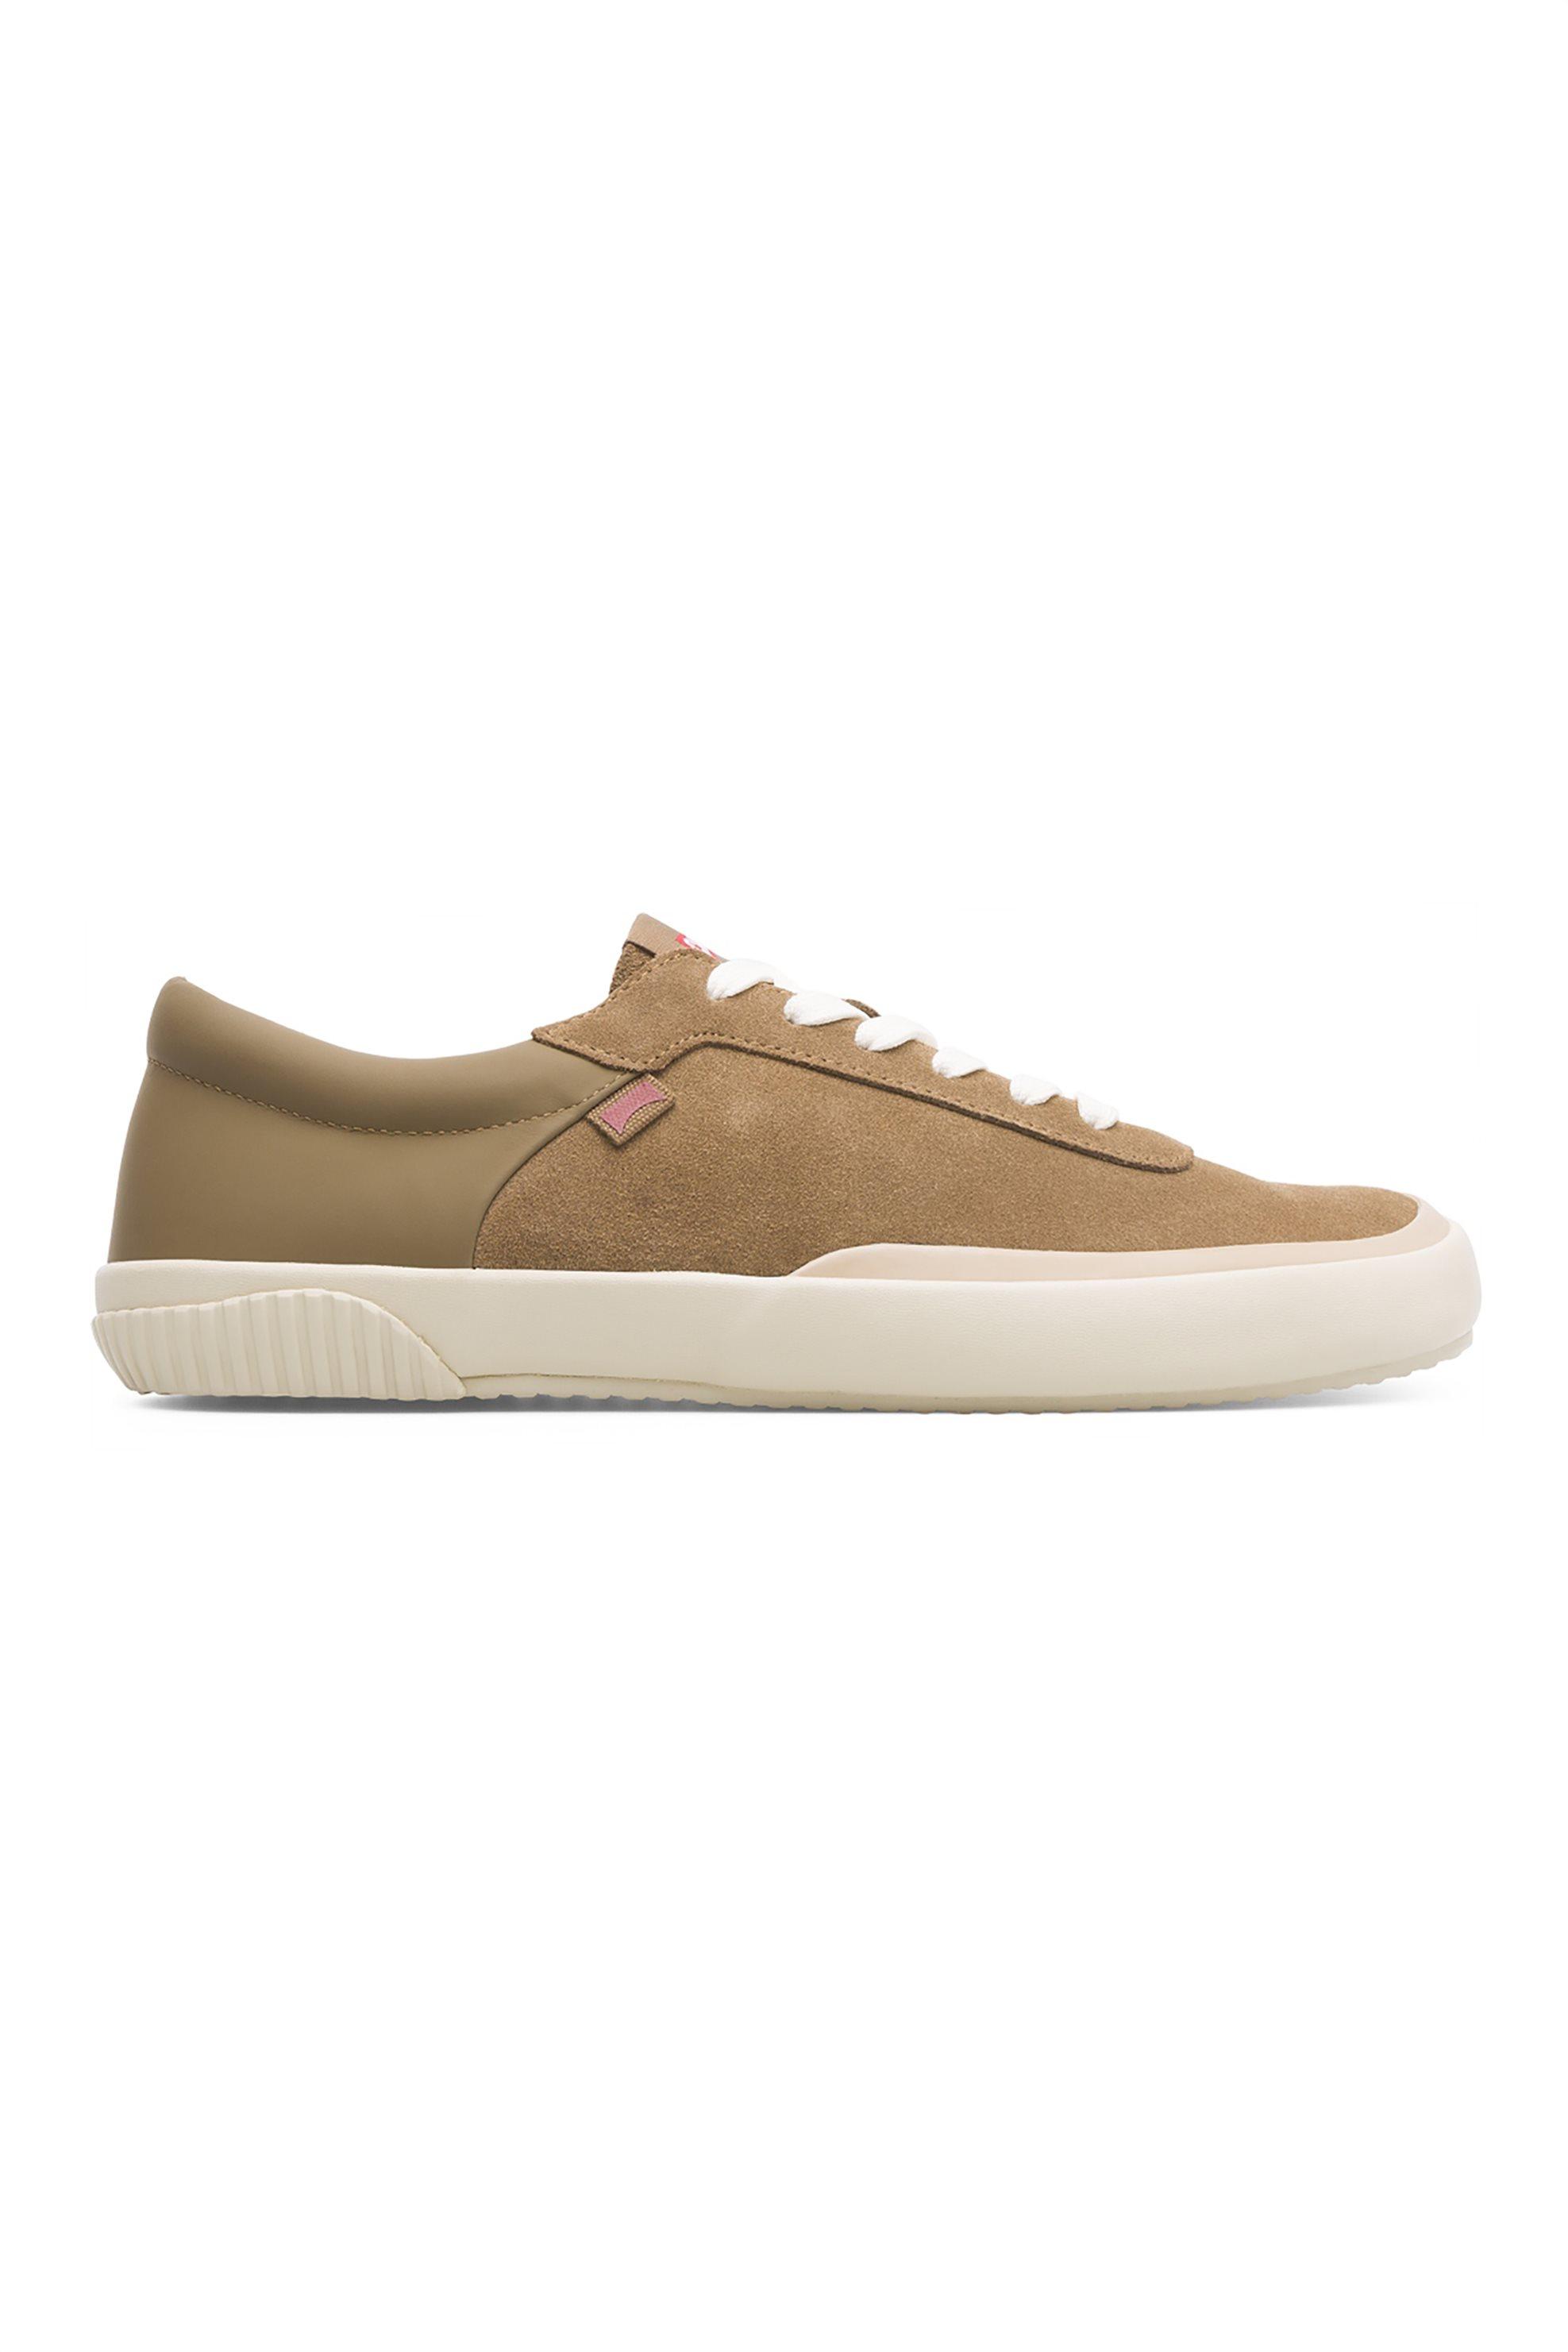 Camper ανδρικά sneakers με κορδόνια «Peu Rambla» – K100413-001 – Ταμπά